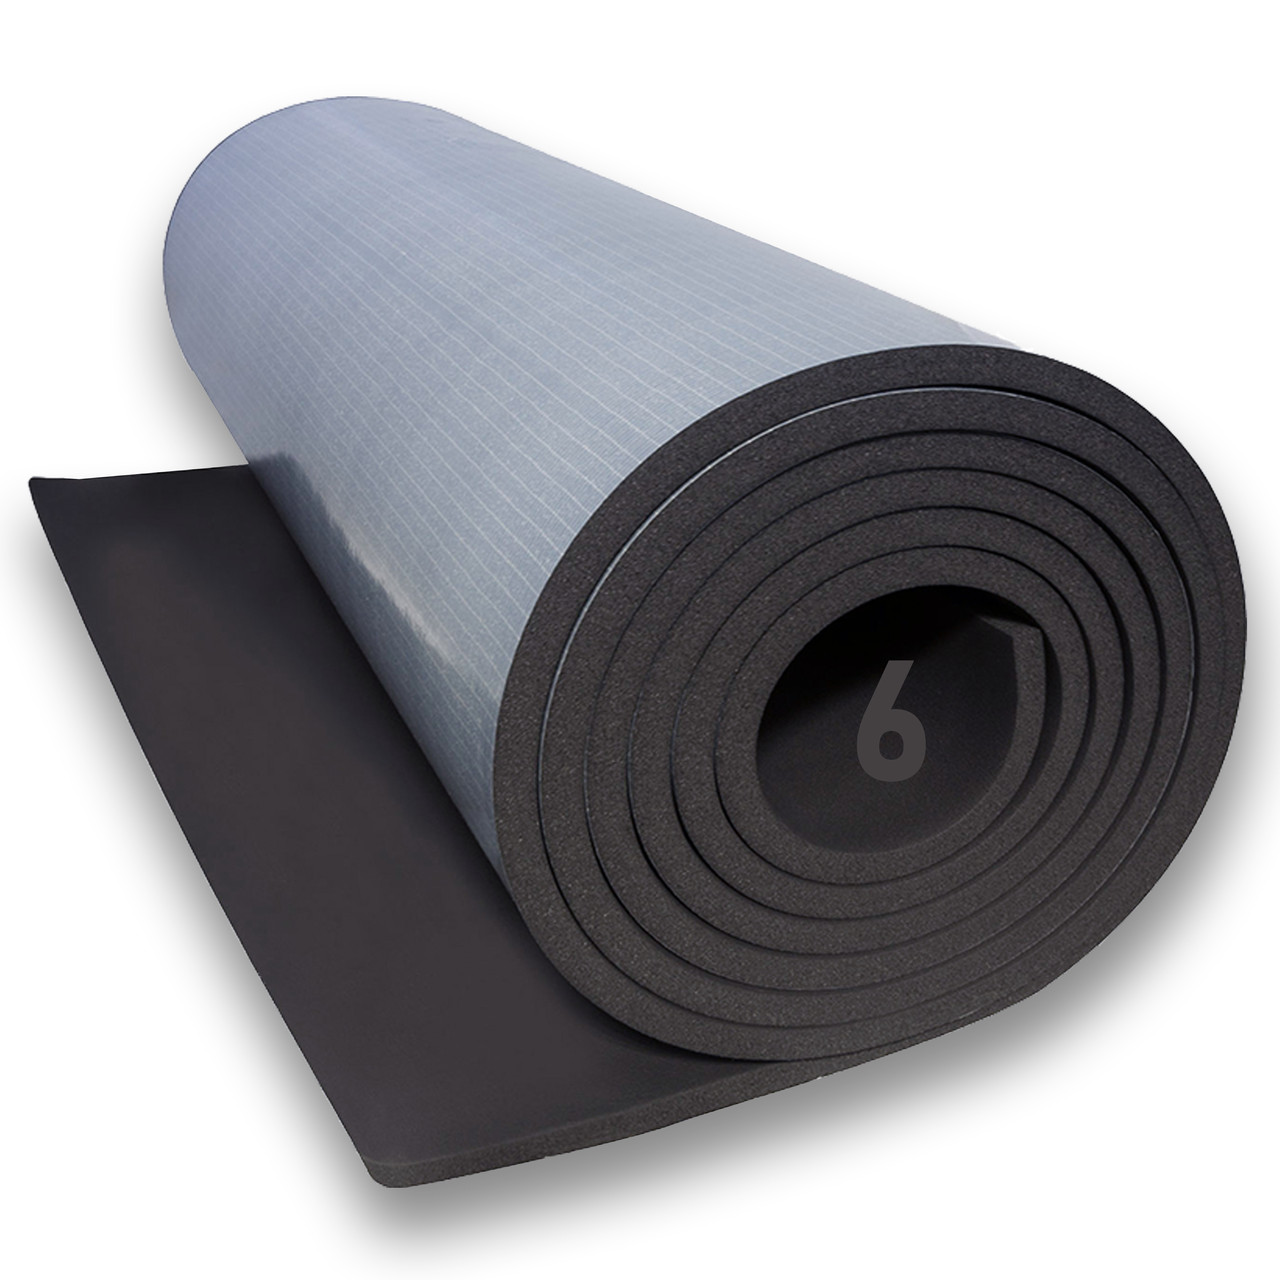 Вспененный каучук самоклеящийся 6 мм (синтетический)